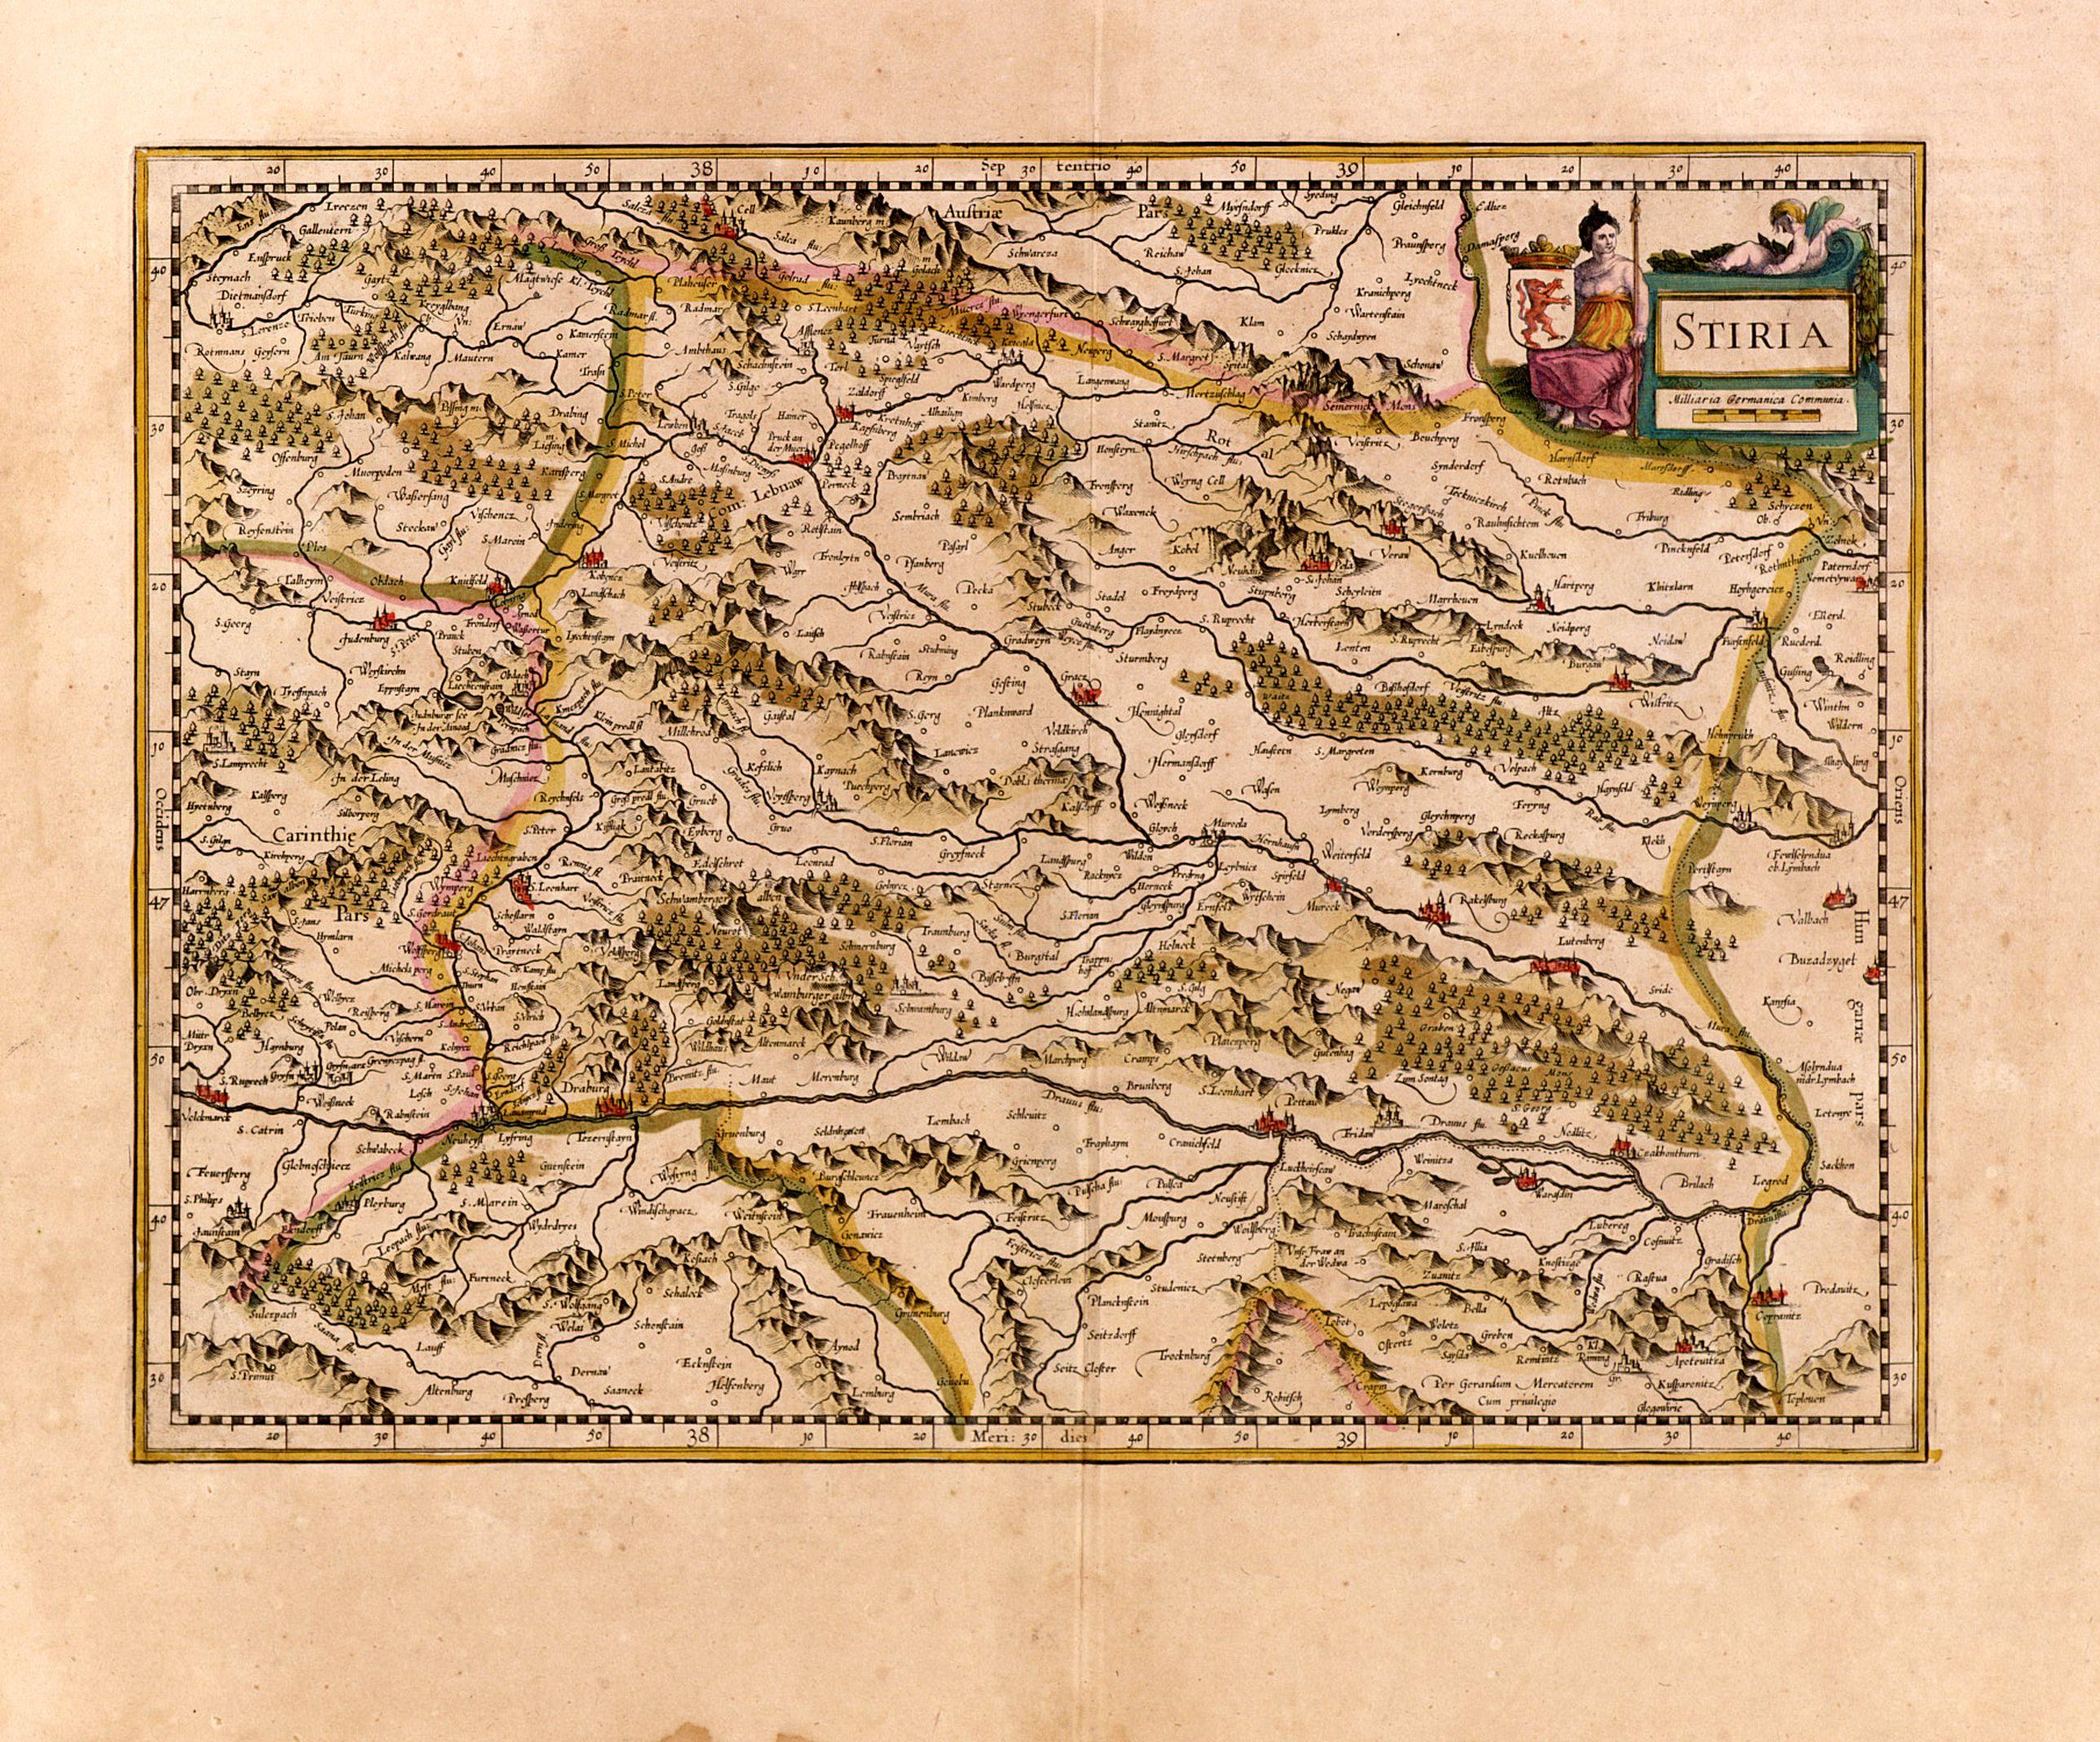 MERCATOR, G. / HONDIUS. H. -  Stiria.